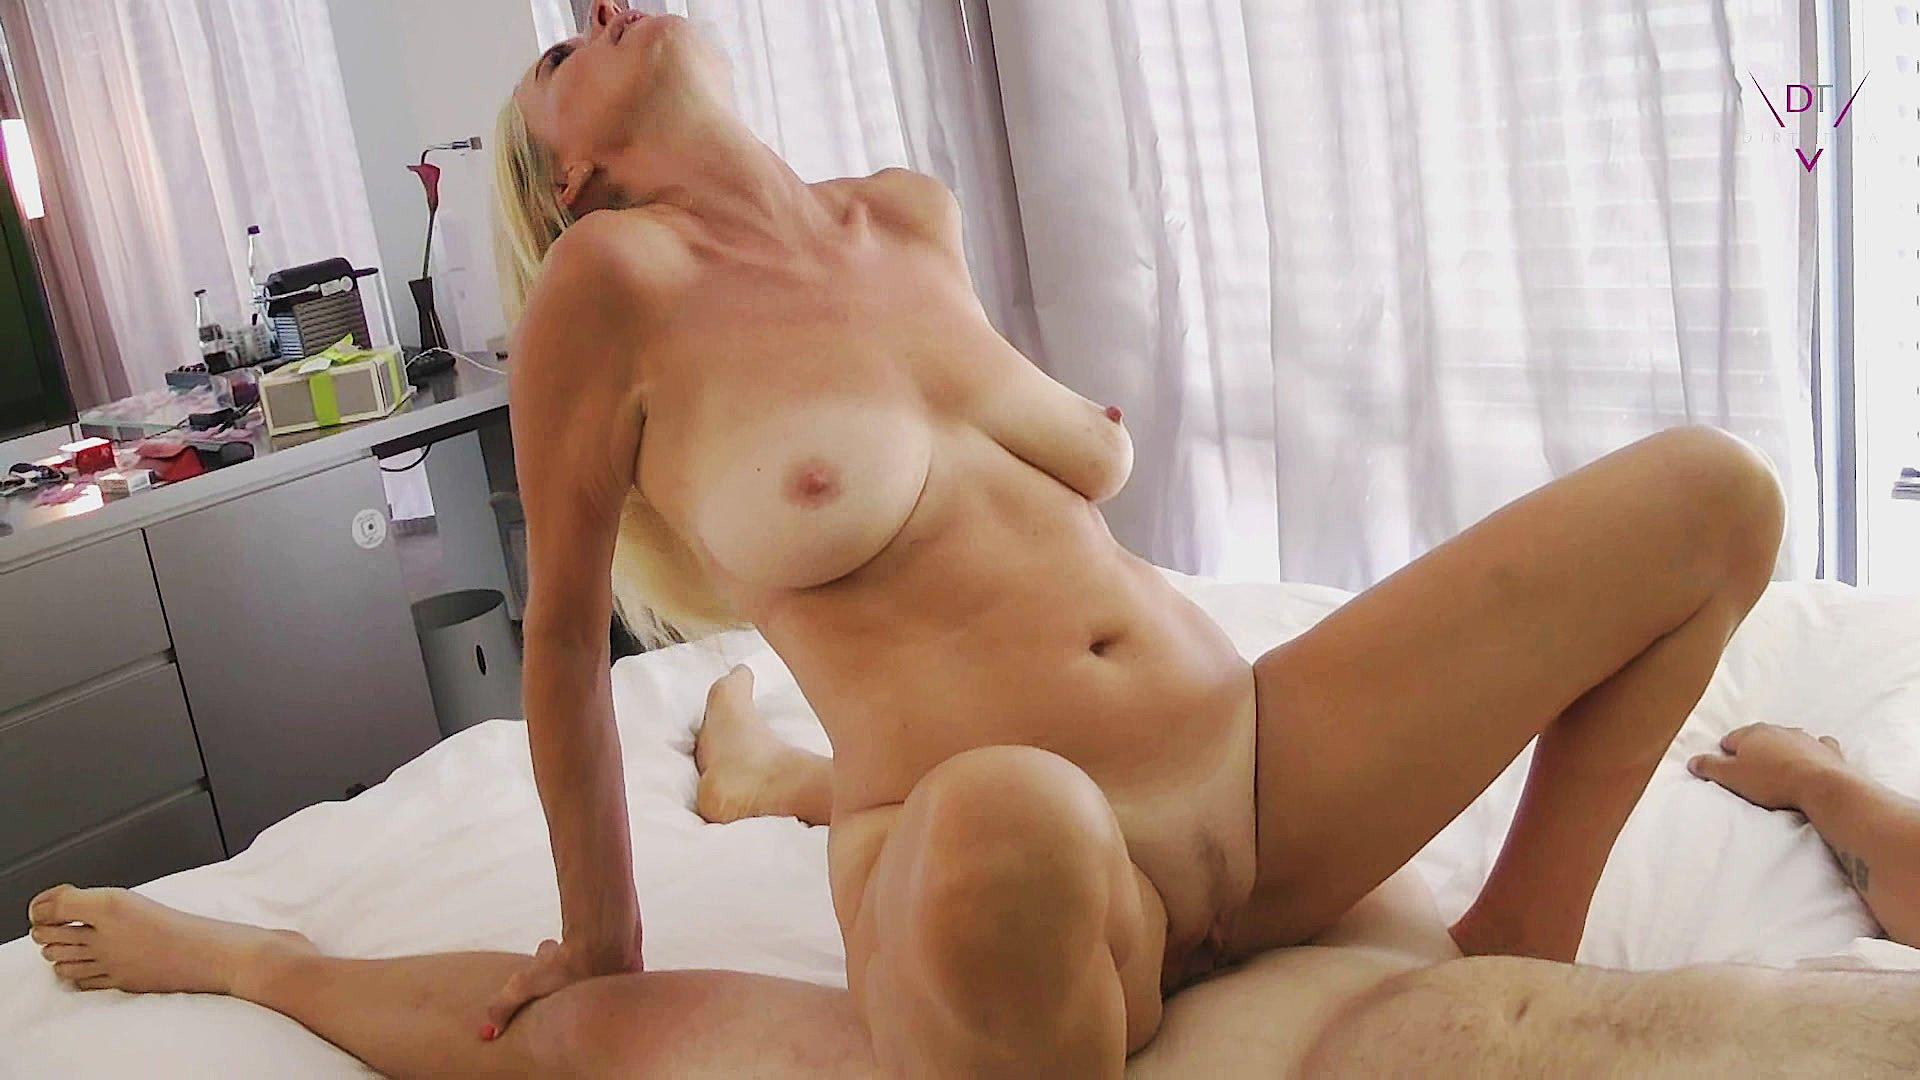 Dirty-Tina Mdh